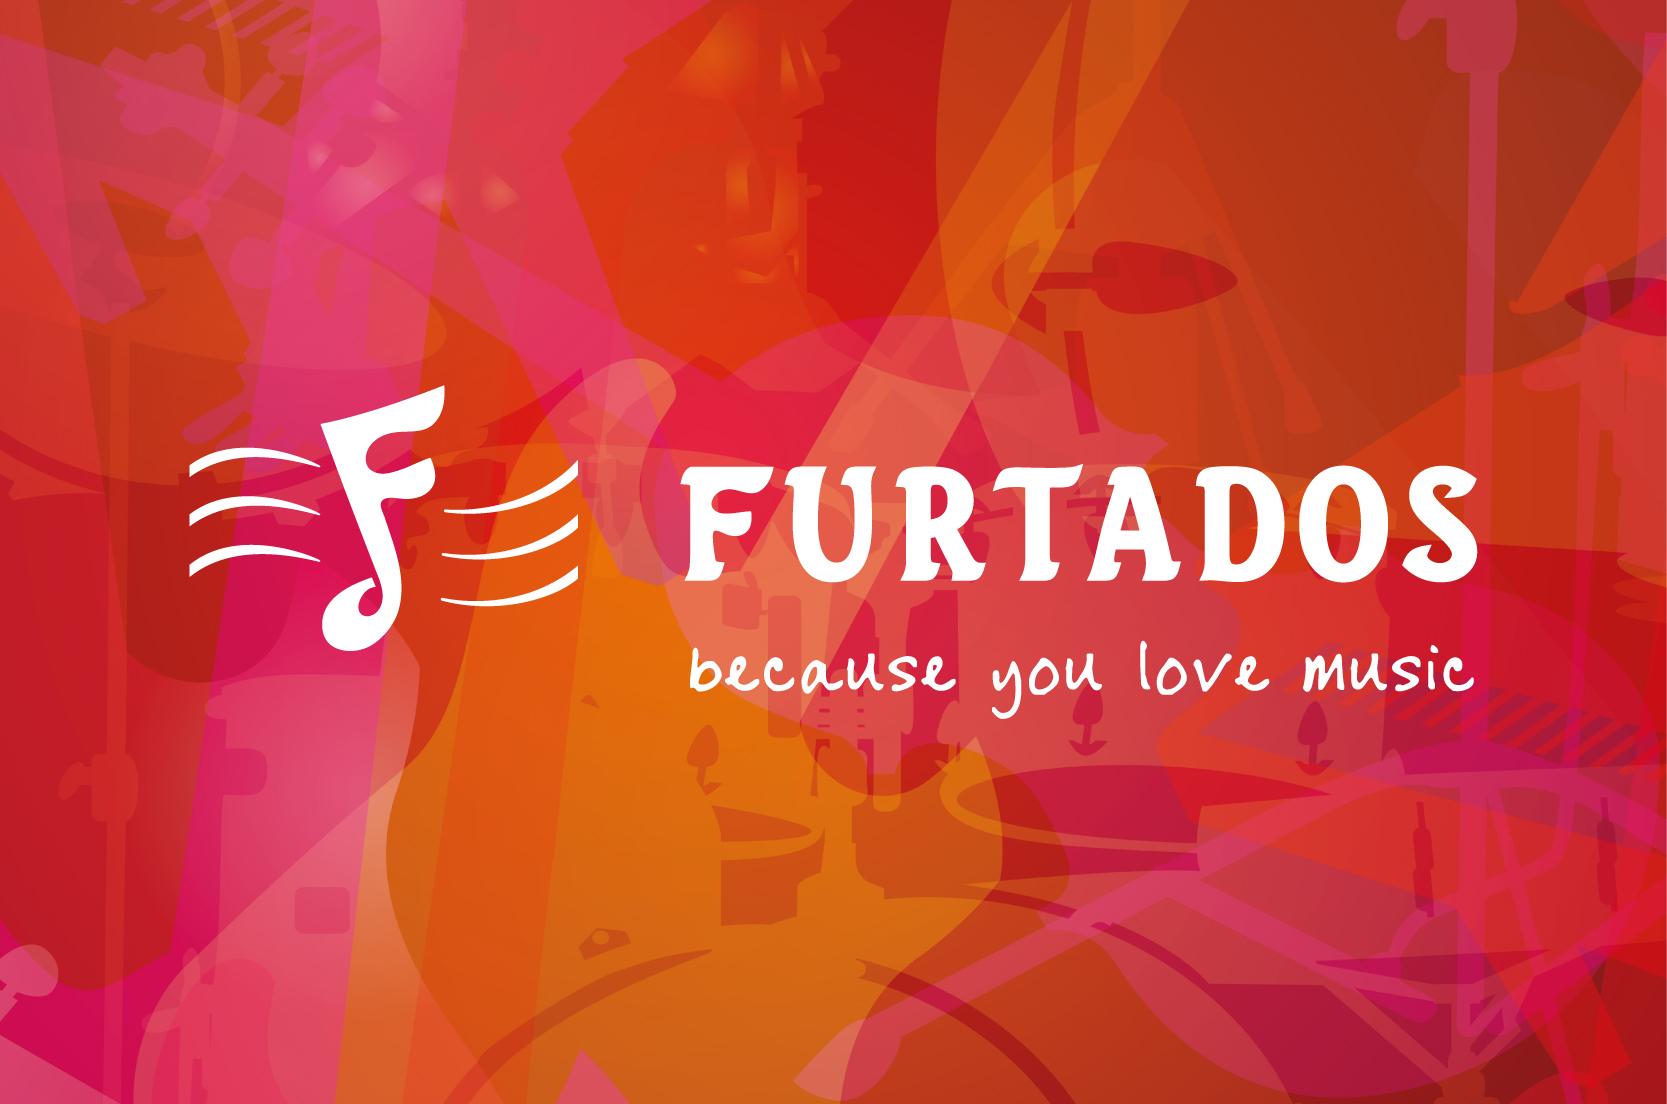 Furtados_Branding_Elephant Design 1.jpg